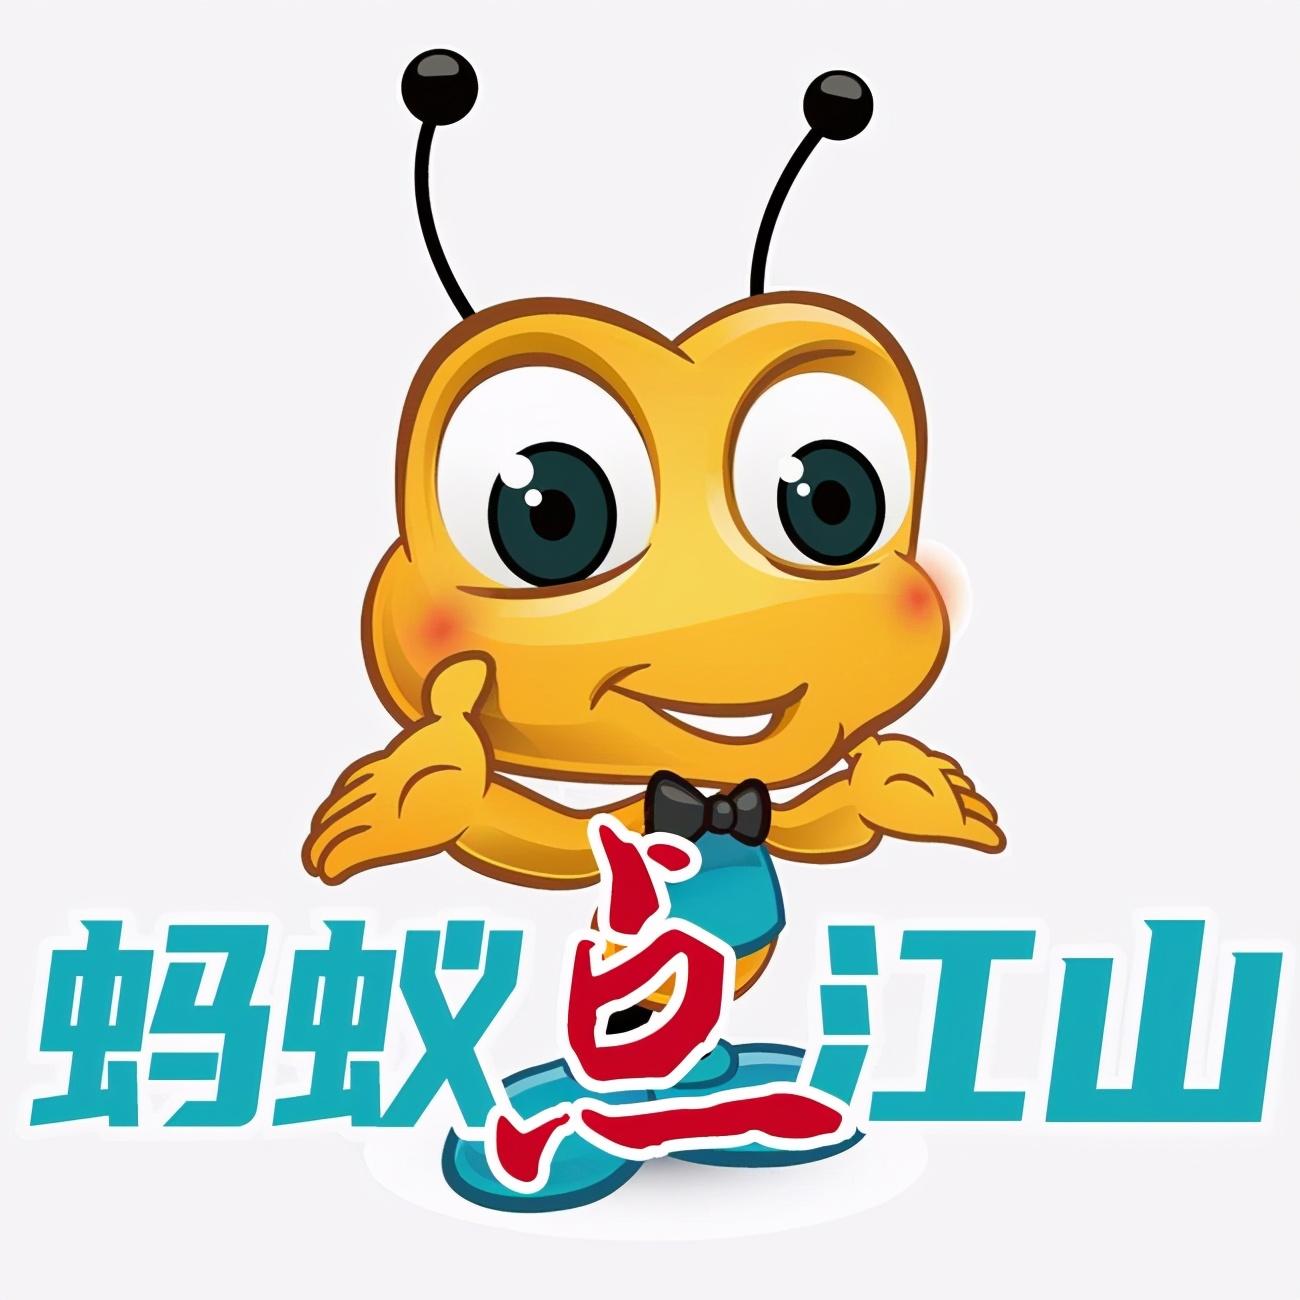 2021年自媒体怎么做,蚂蚁文化传媒刘鑫炜来告诉你